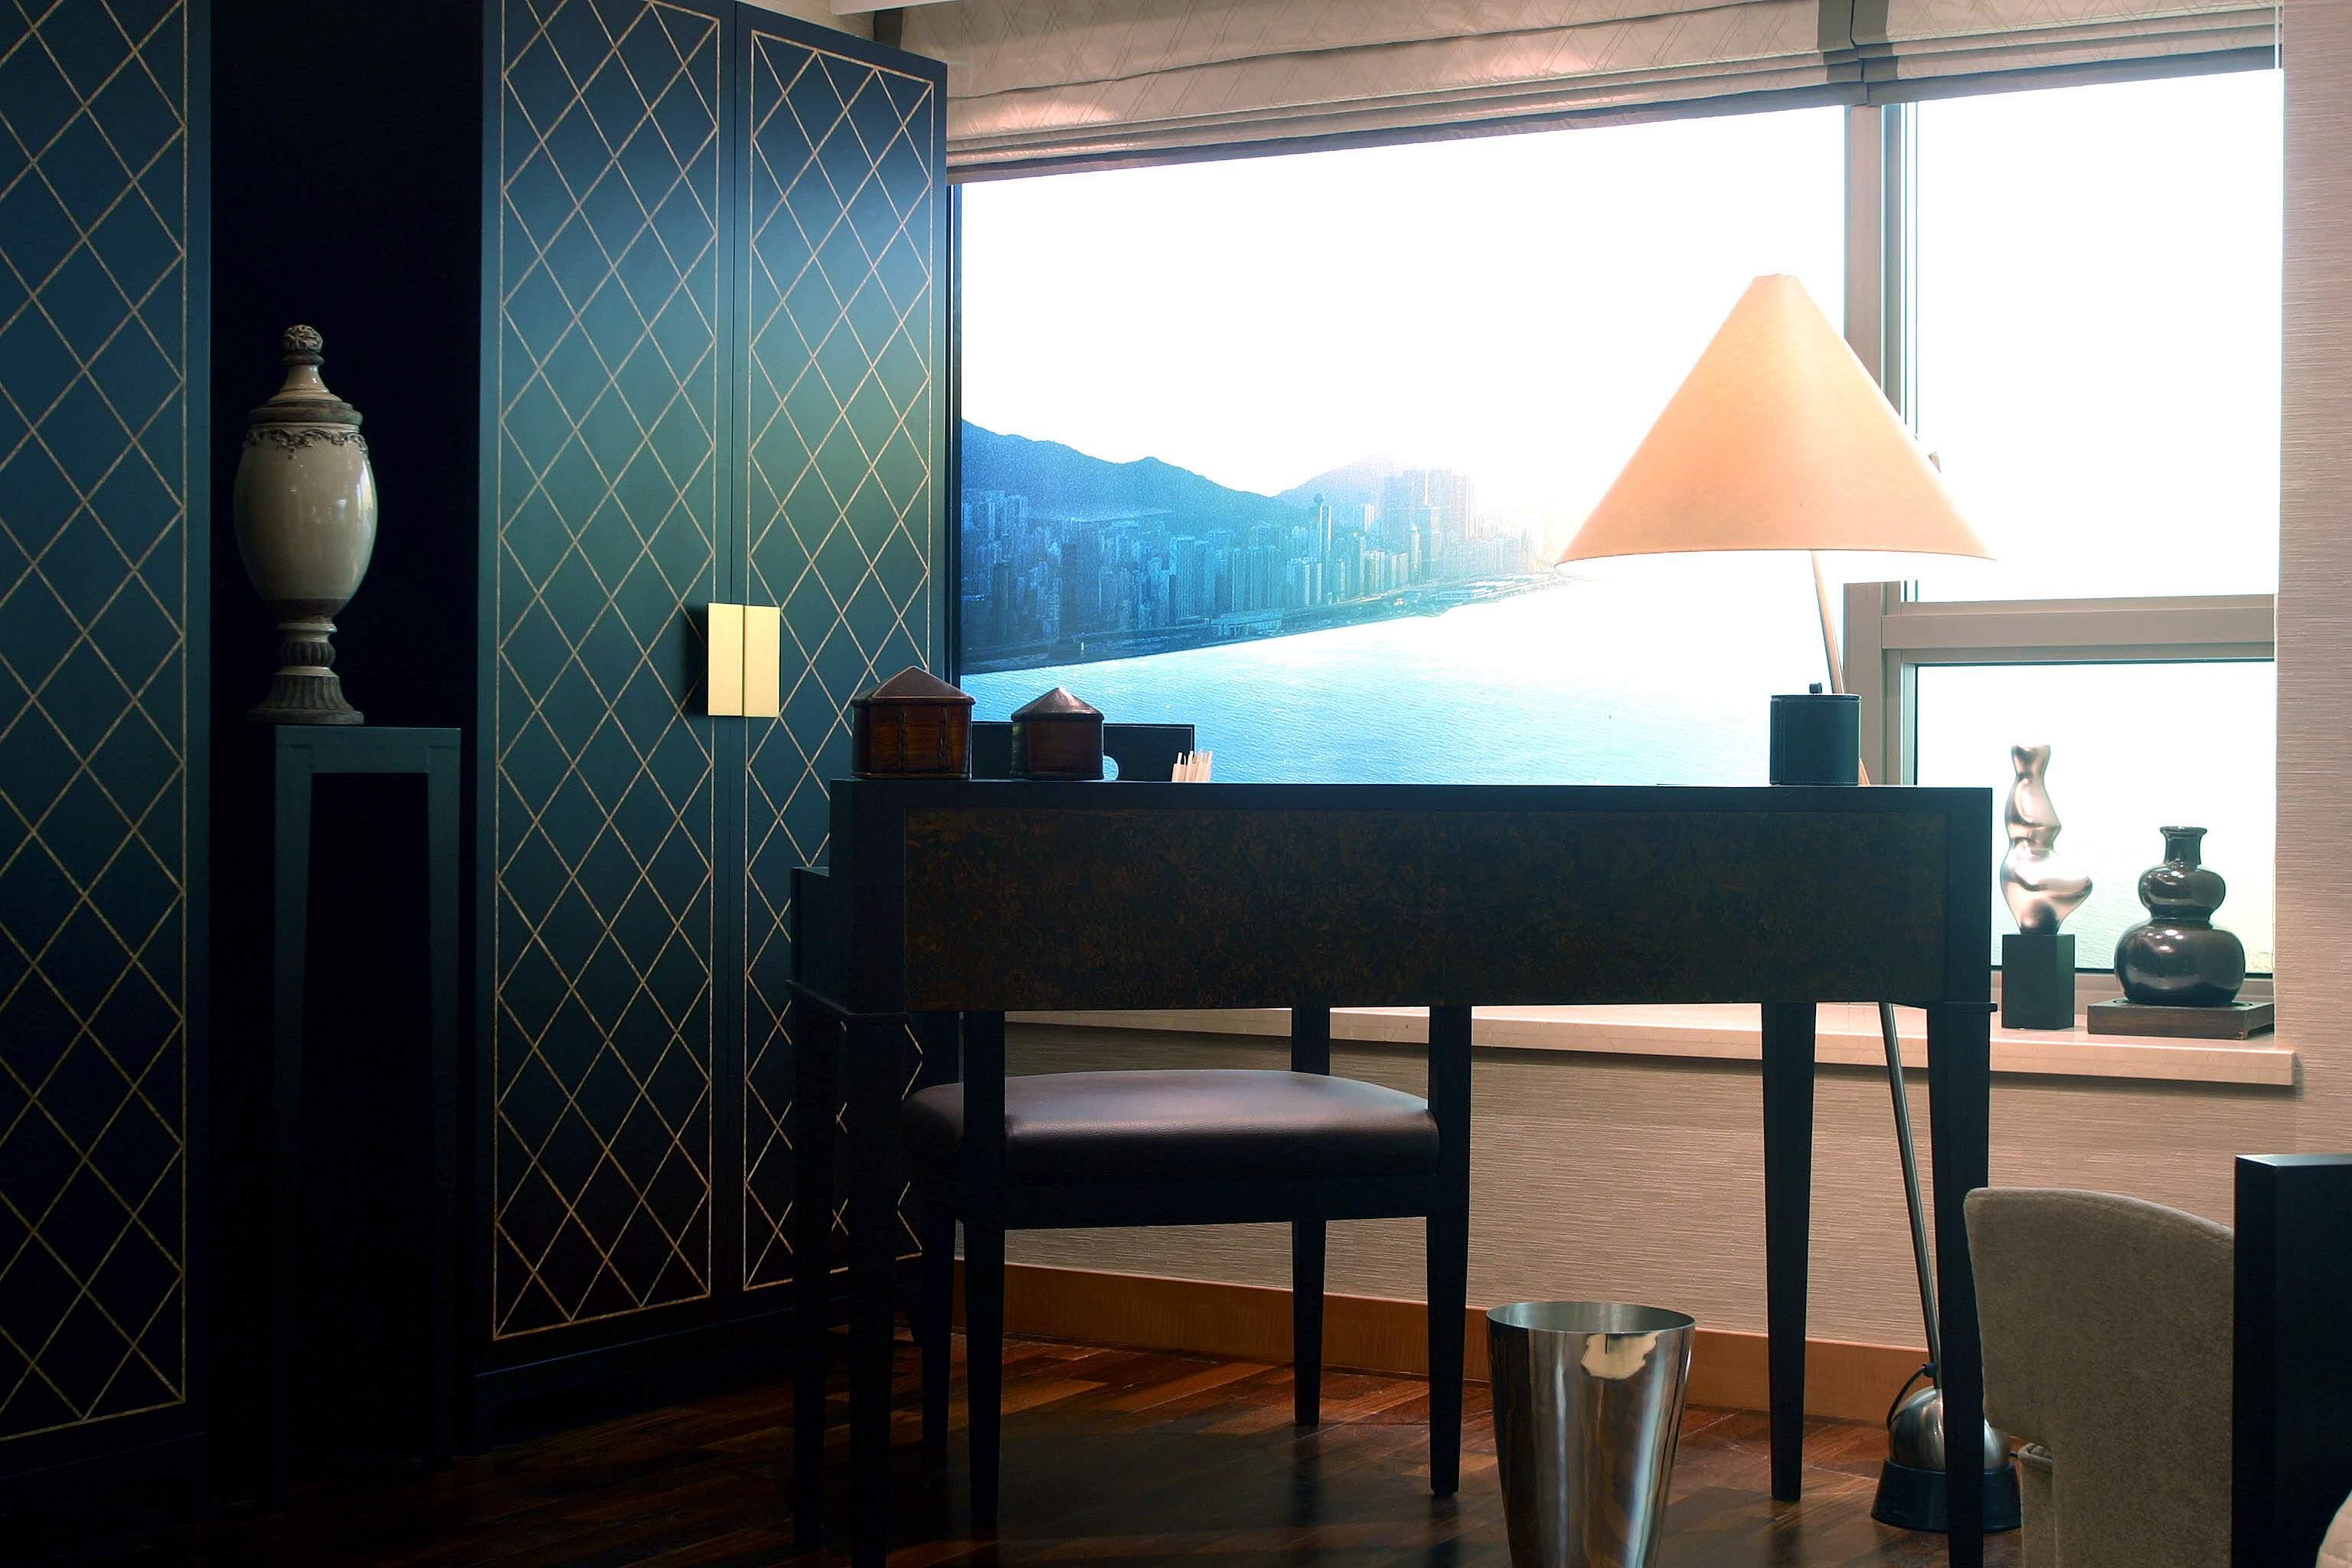 2013现代风格样板房豪华书房书柜椅子家具装修效果图欣赏 高清图片